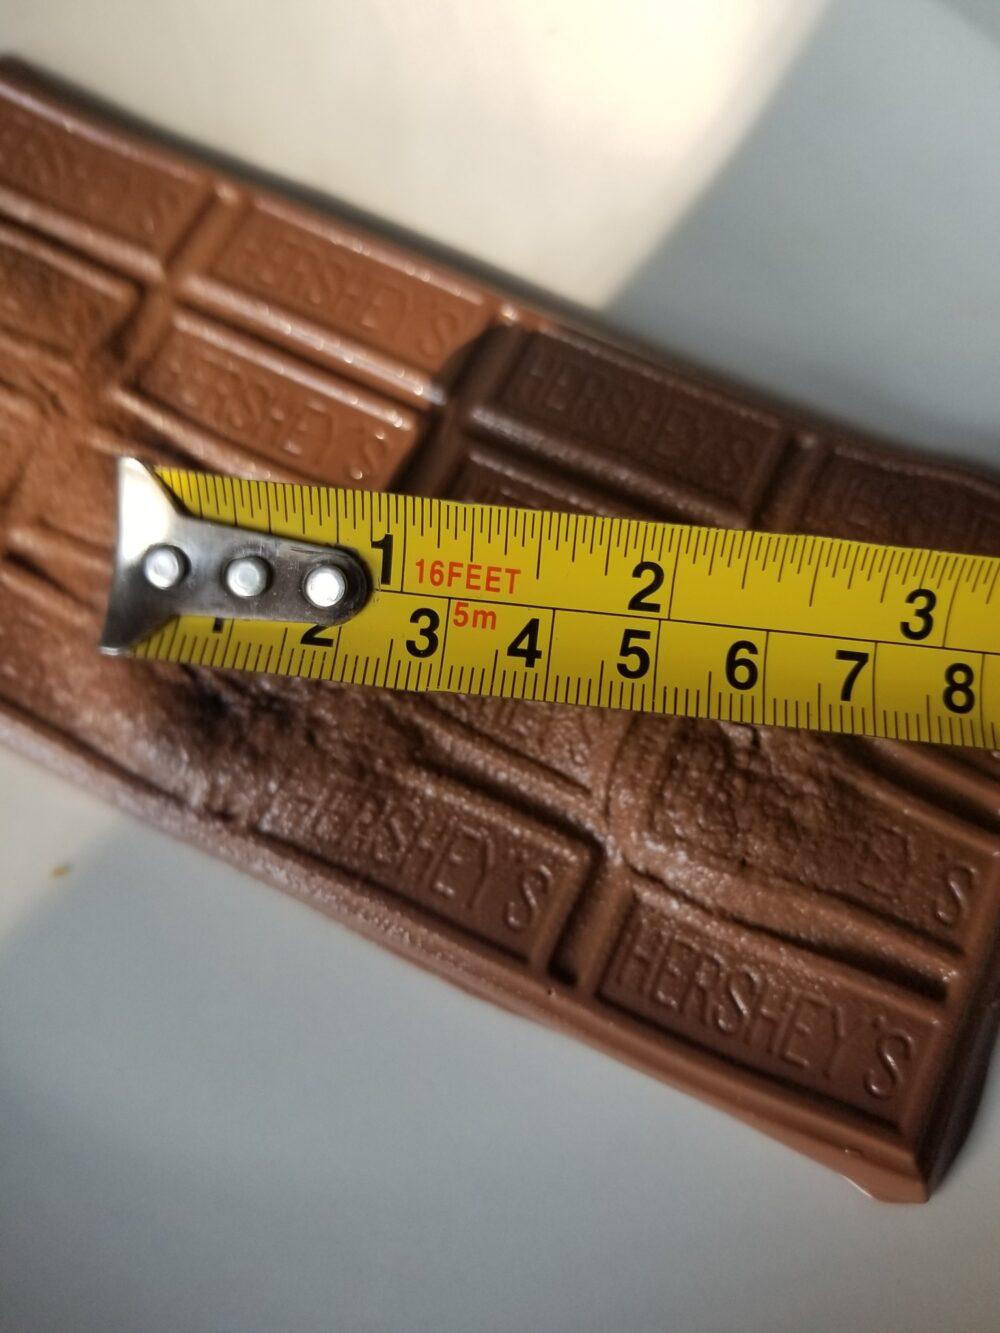 ¿Sabías que puedes calcular la velocidad de la luz en tu casa, simplemente calentando una tableta de chocolate en el microondas?